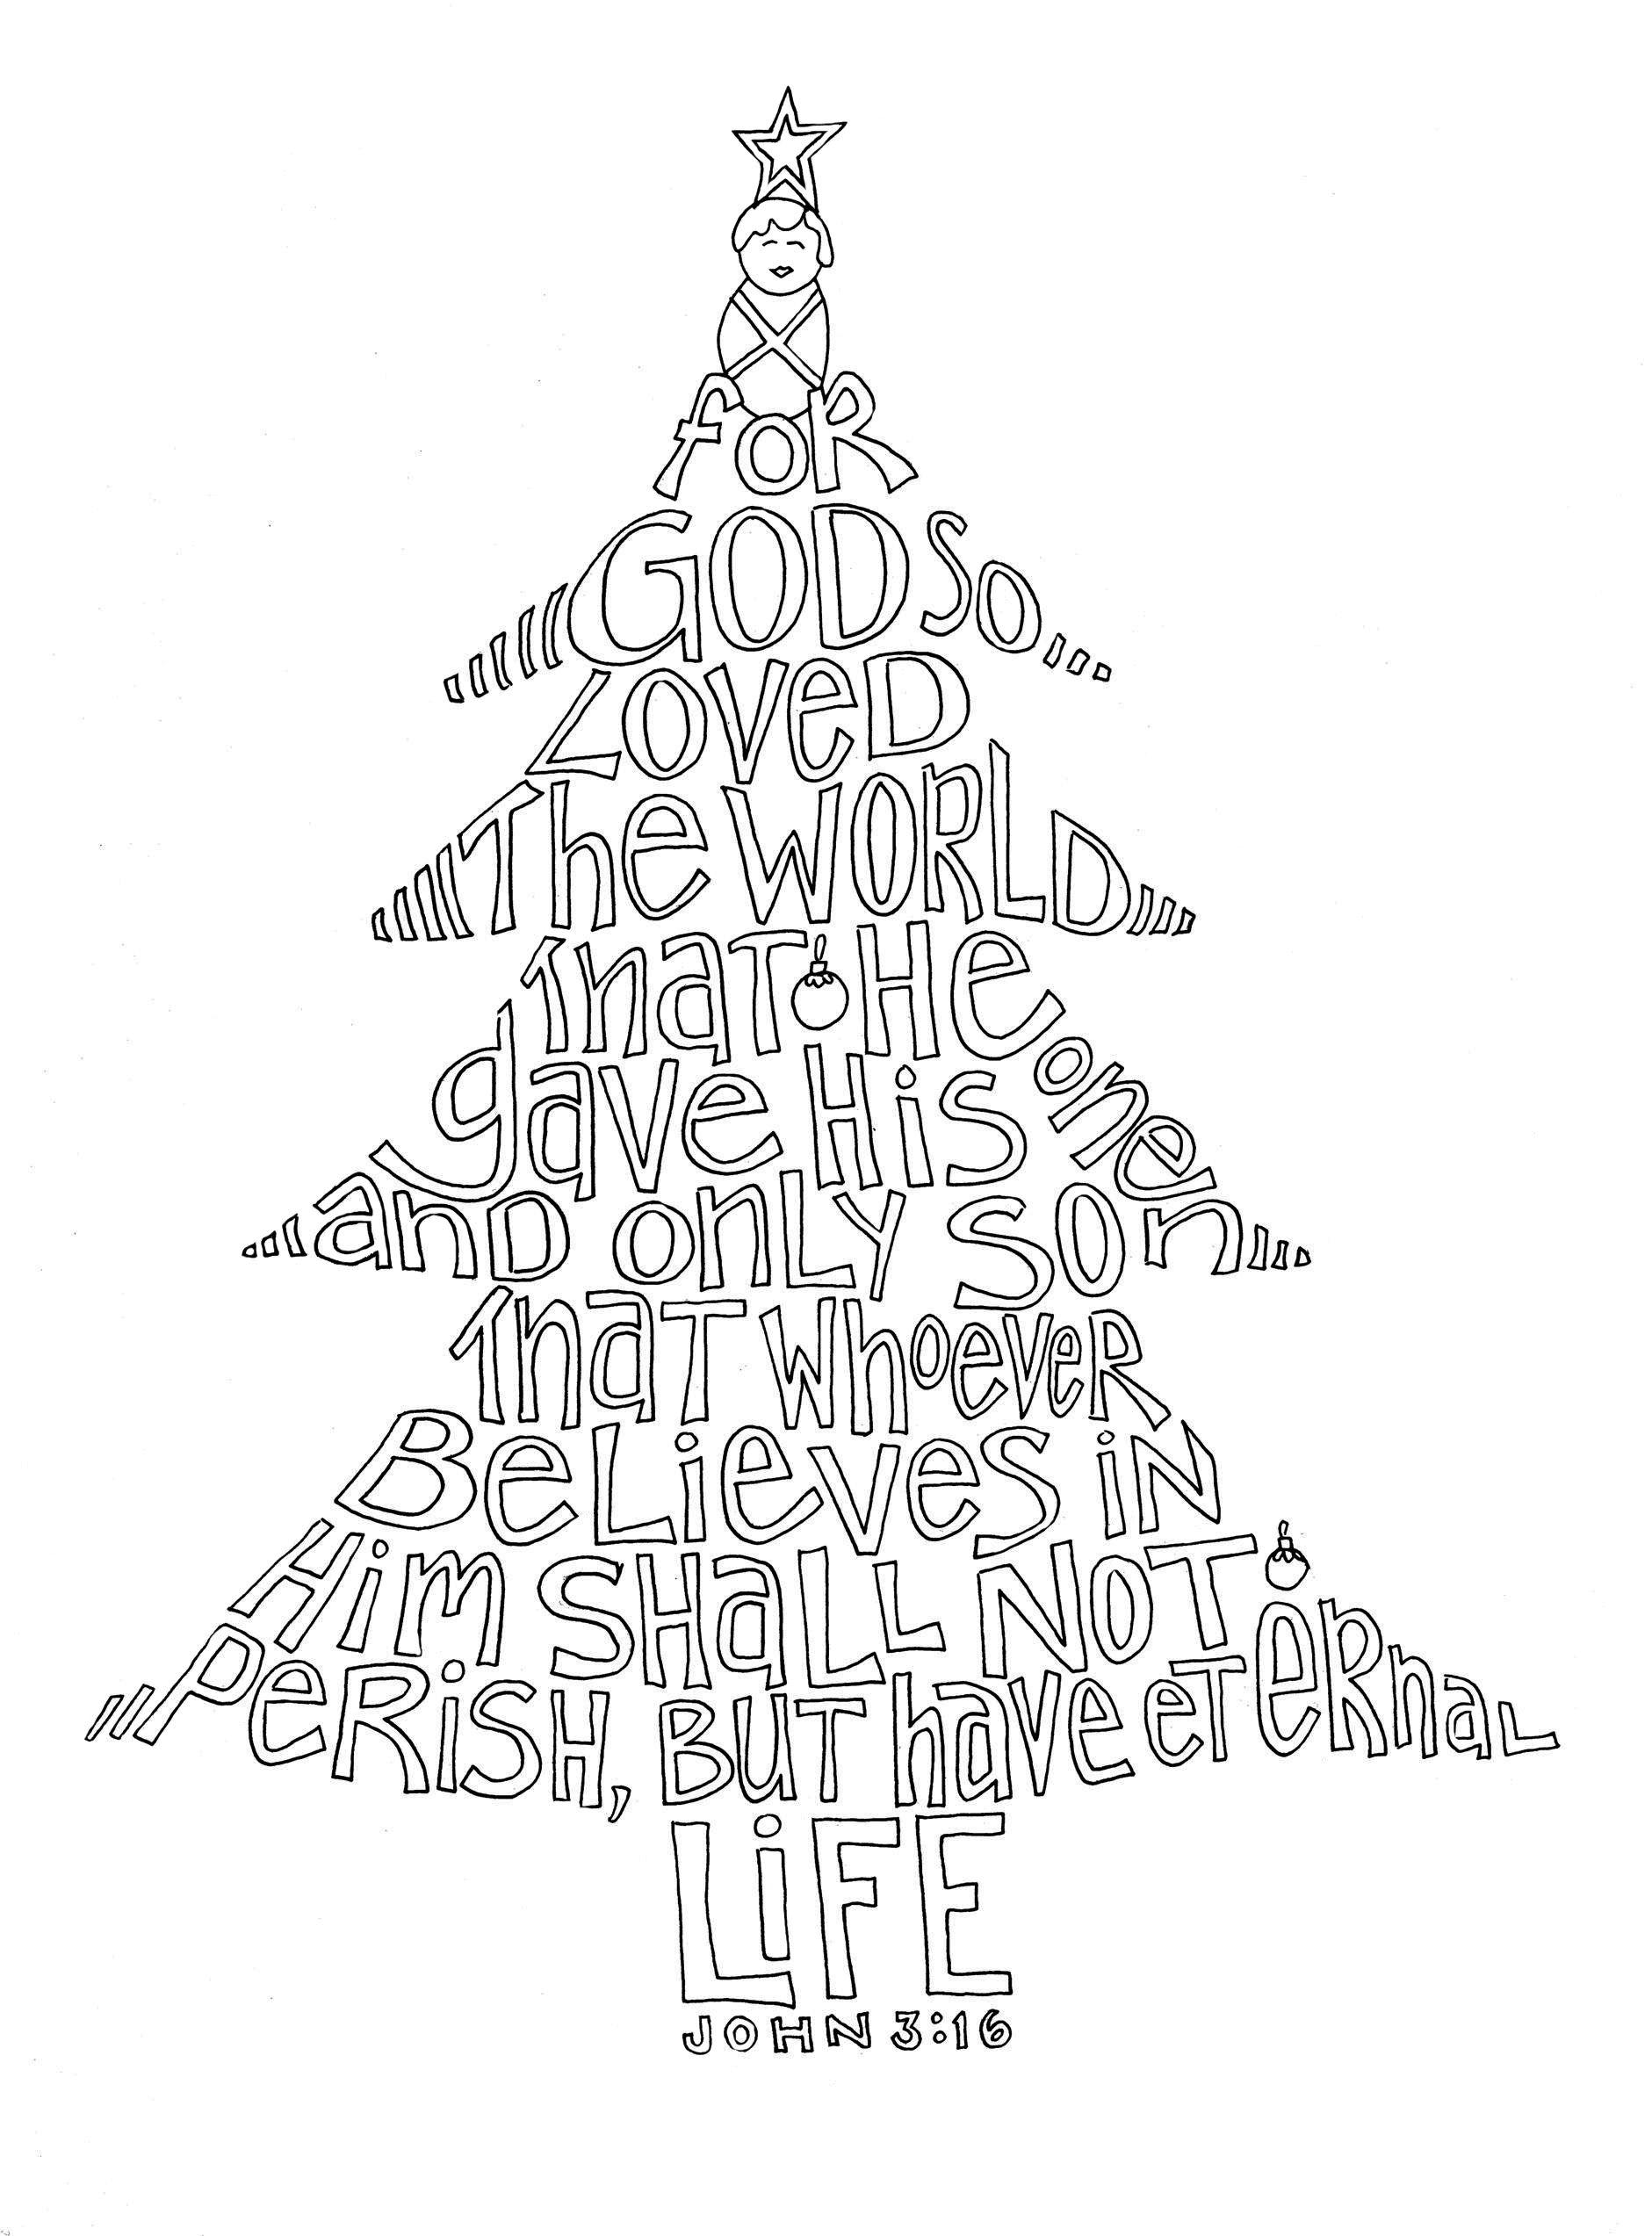 Tis The Season Christmas Tree Coloring Page Christmas Verses Christmas Bible